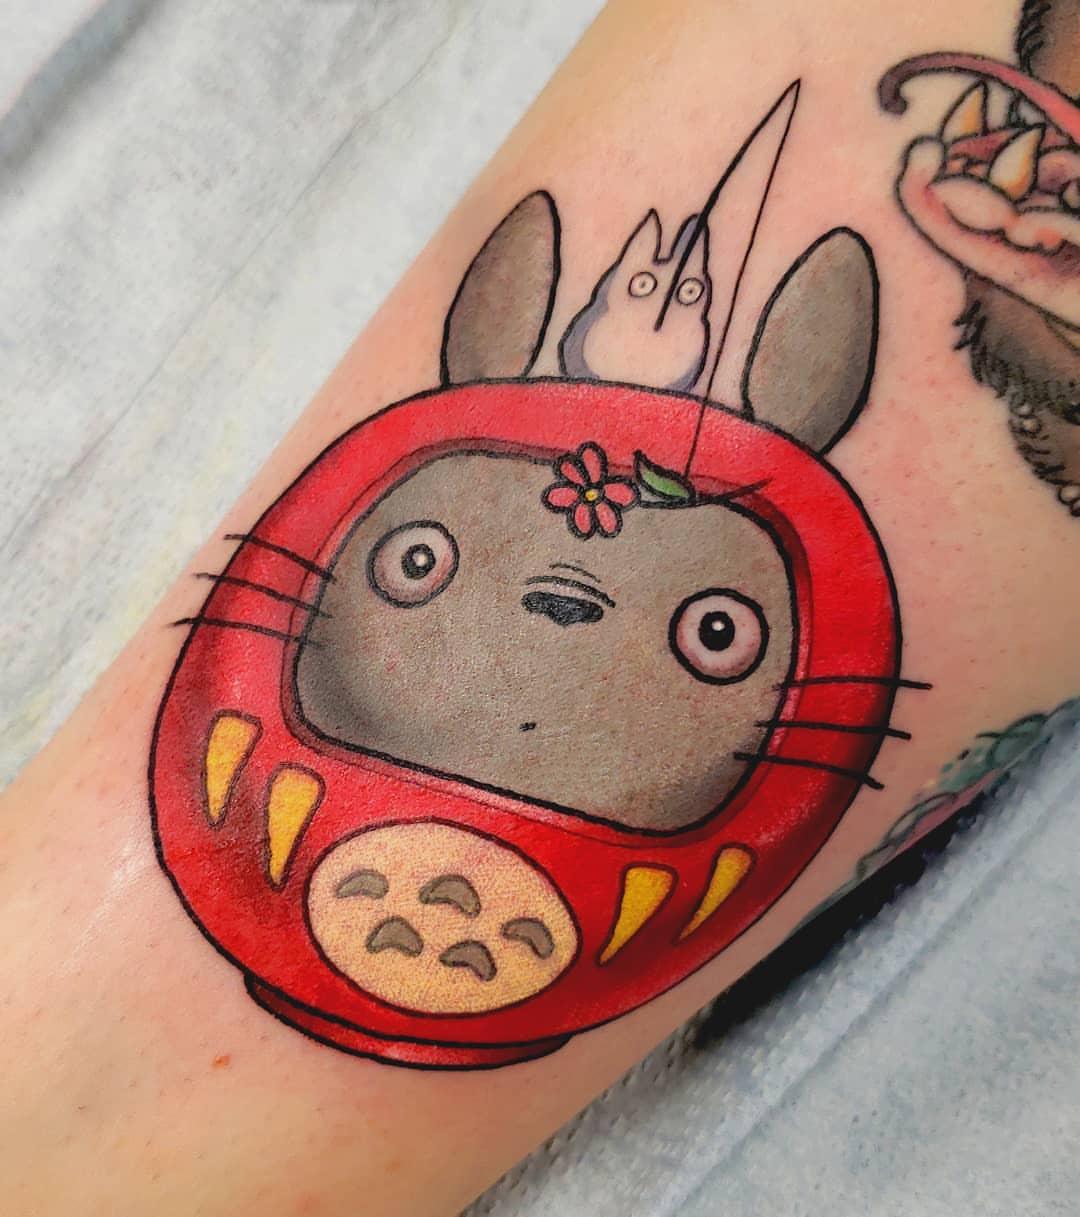 Si vous voulez Totoro tattoo expressif, c'est le meilleur choix